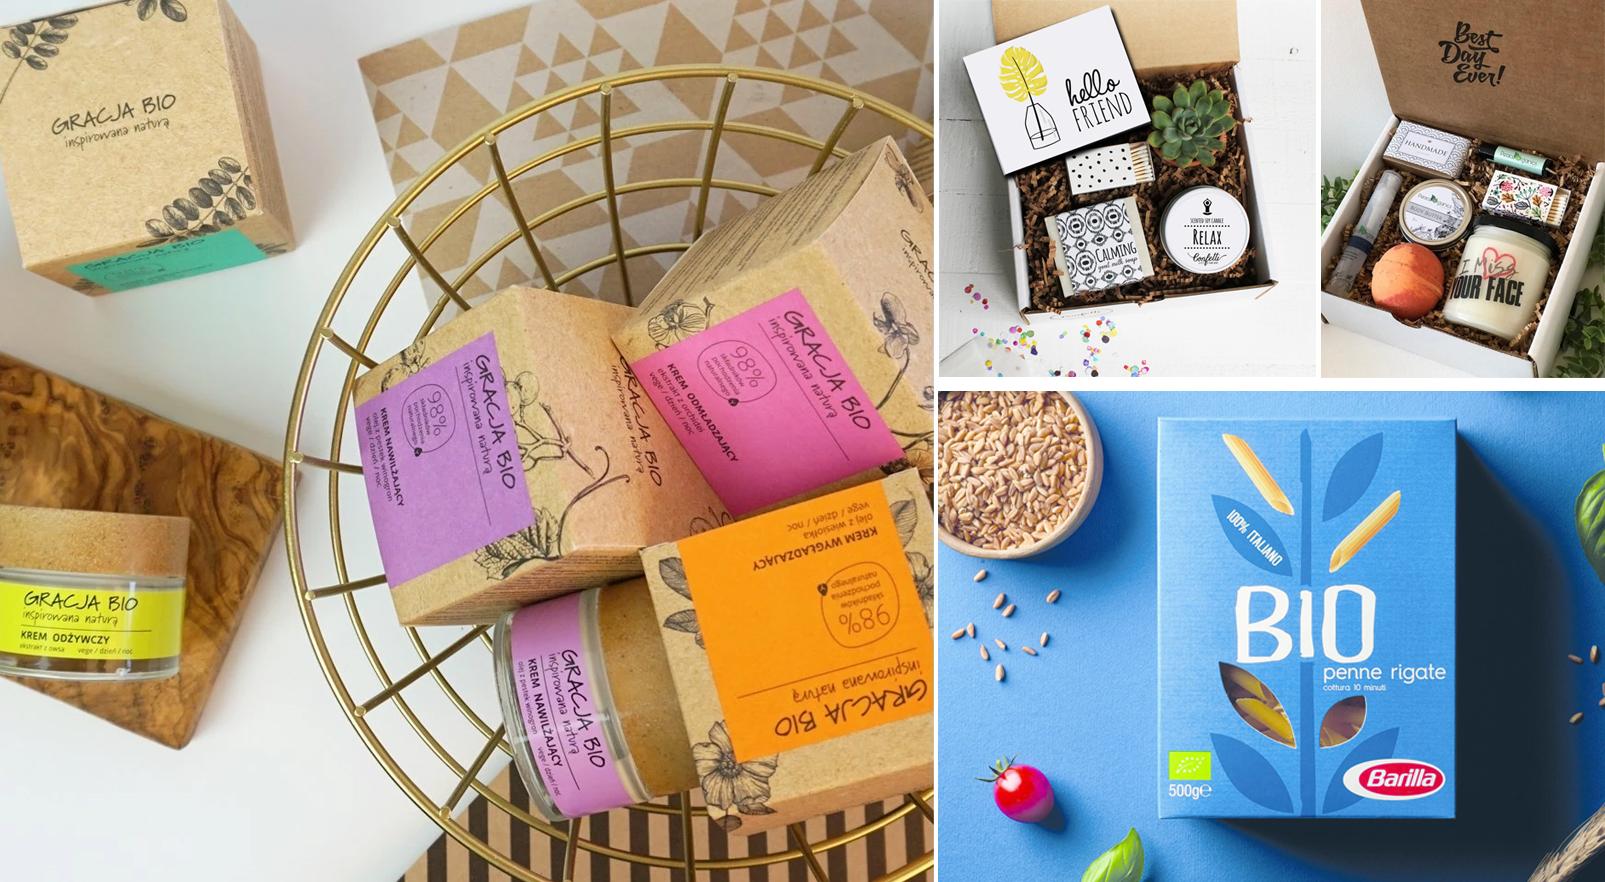 Természetes papír csomagolás bio termékekhez